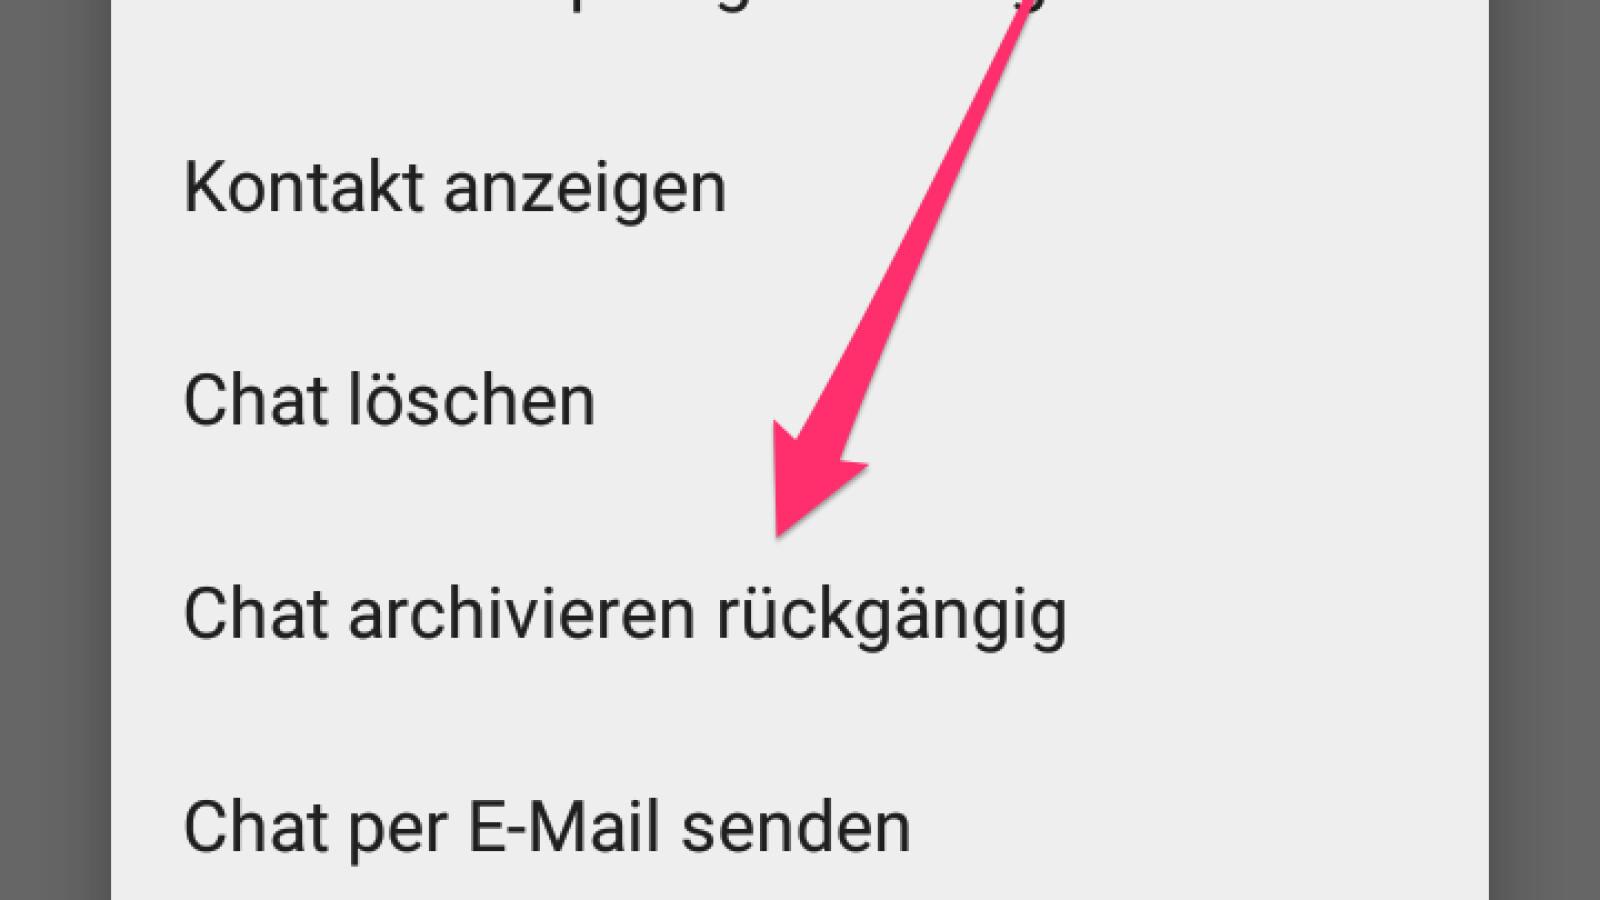 Chat empfangen nachrichten whatsapp trotzdem archiviert 11 Wissenswertes